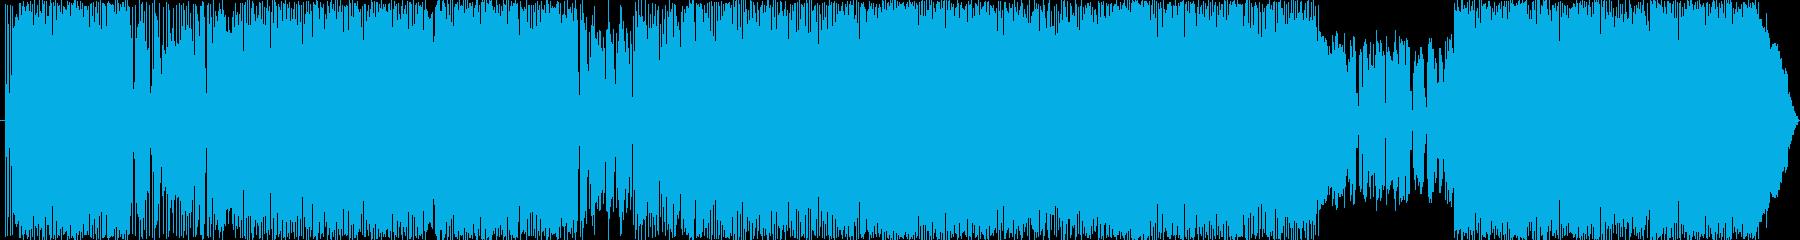 辛いとき背中を押すようなポップロック楽曲の再生済みの波形